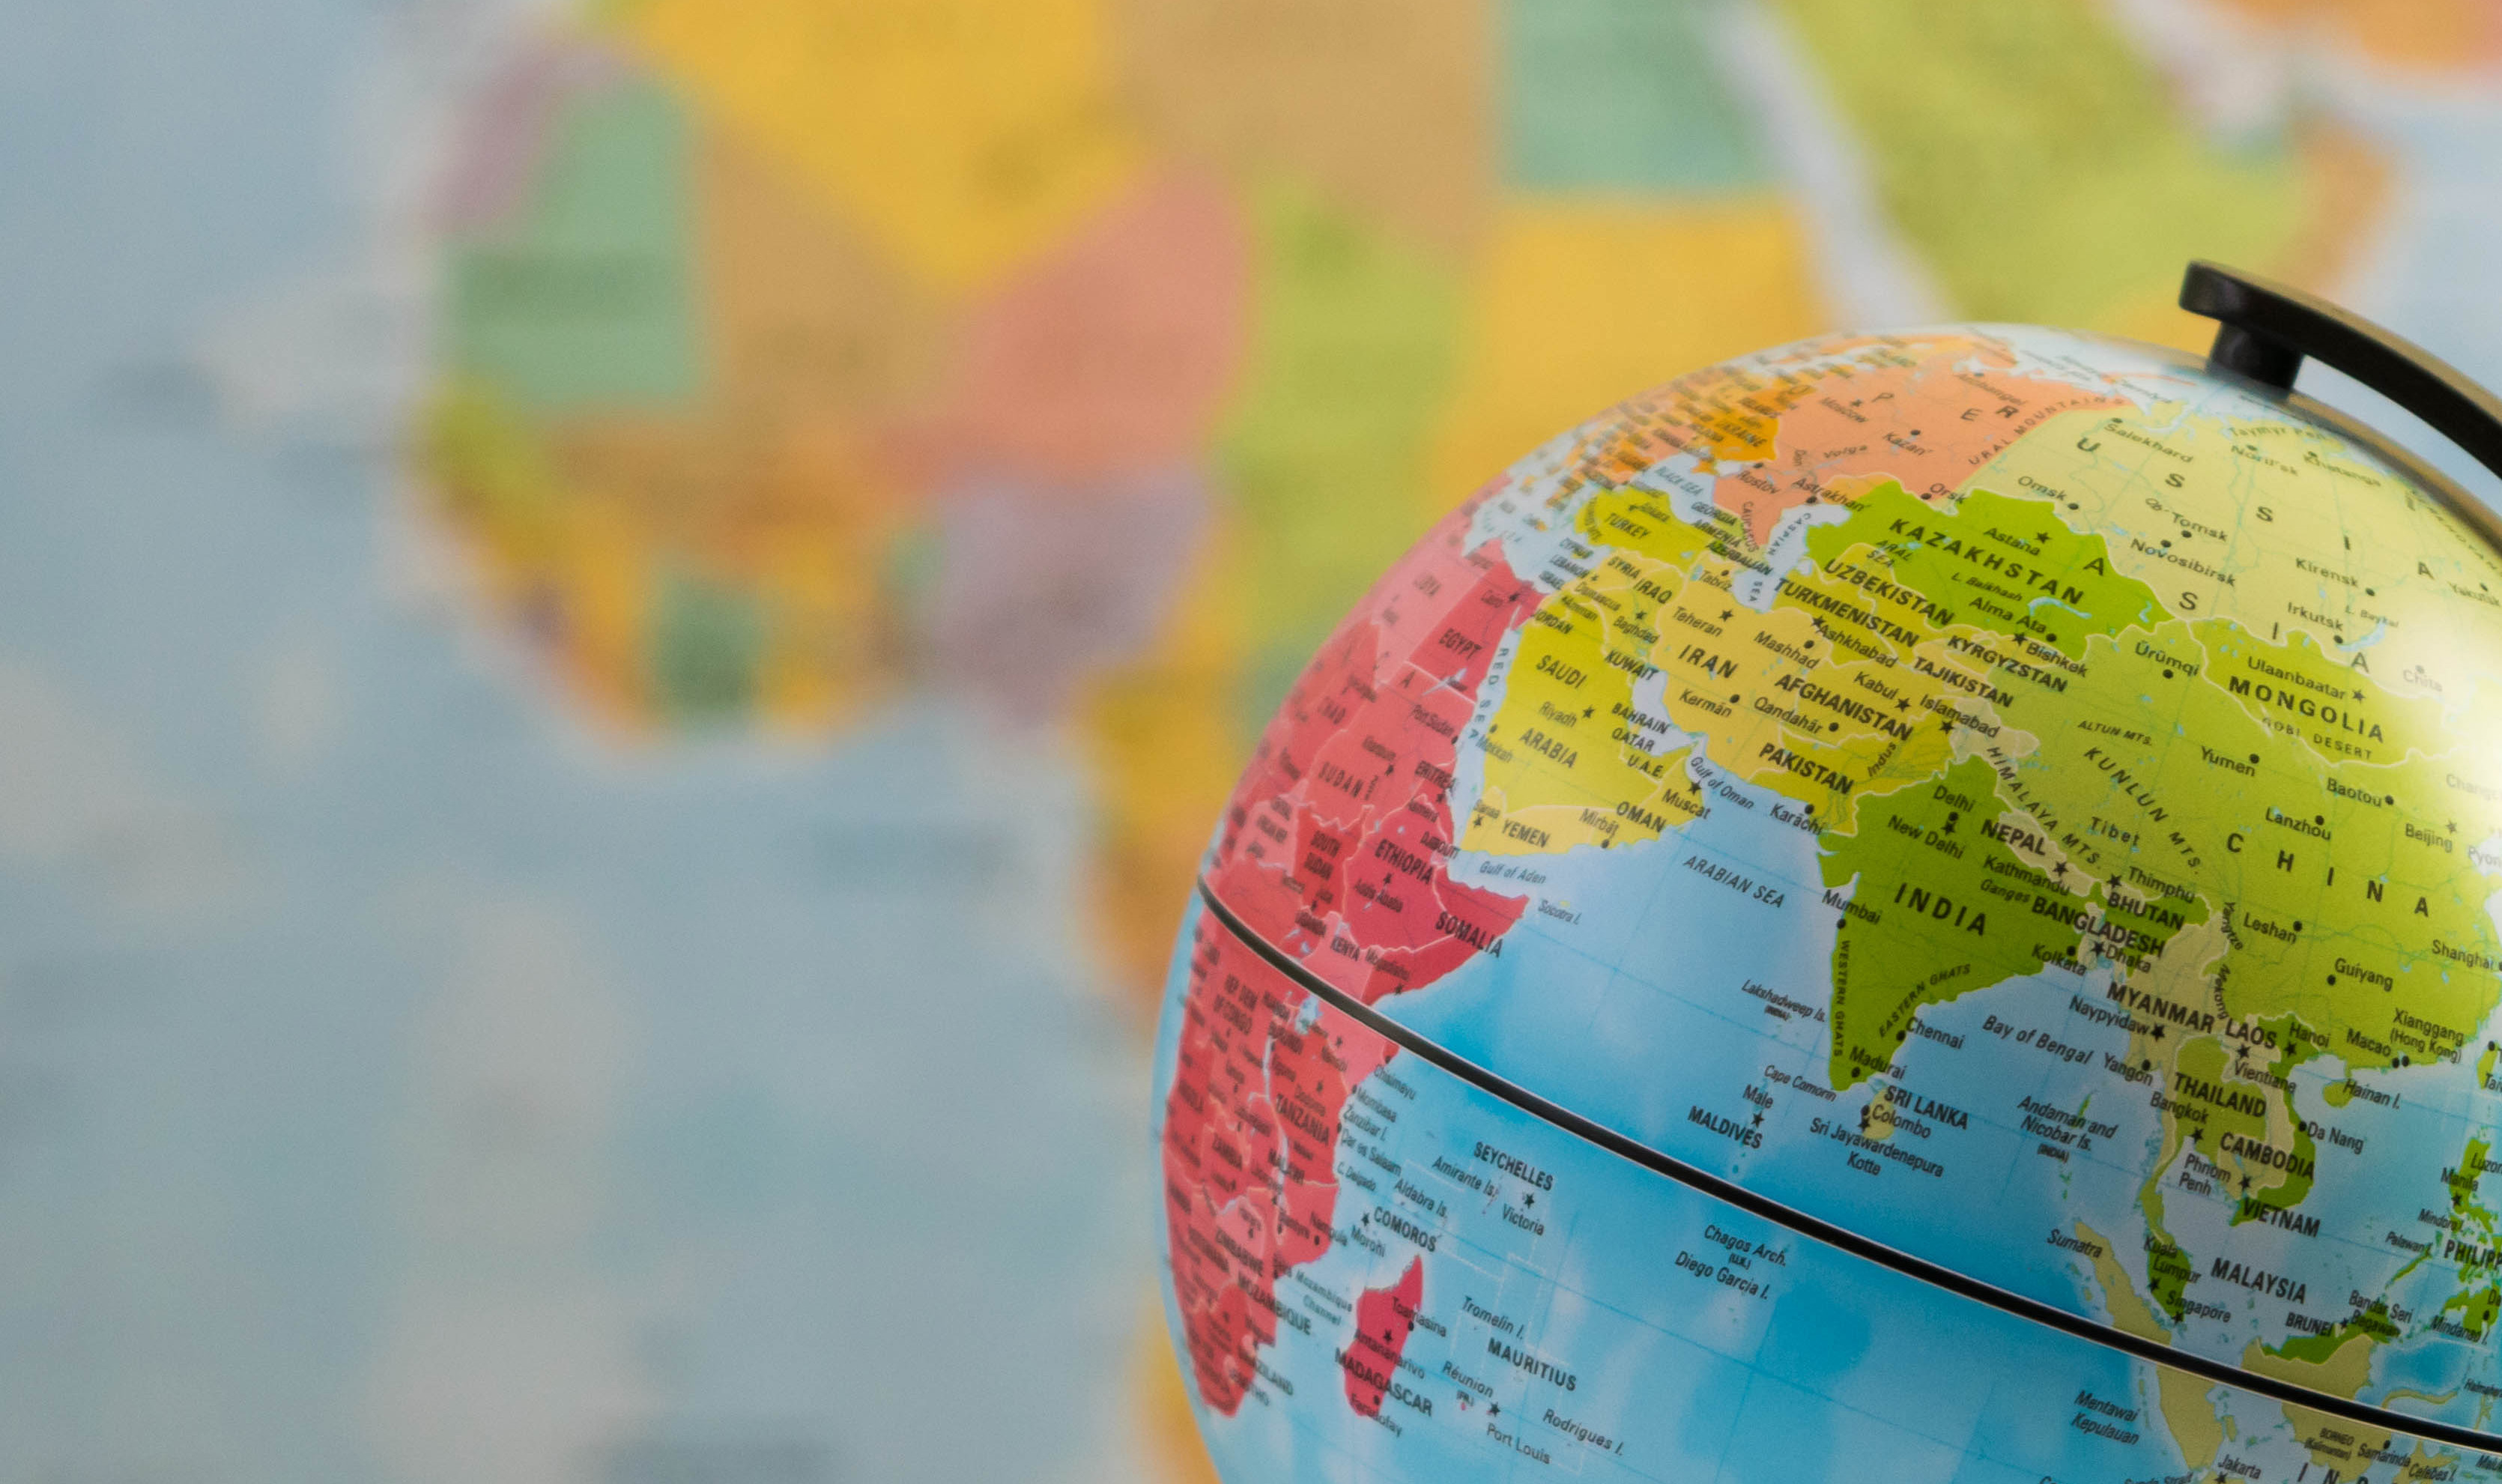 भारत में ऐसे कई लोग हैं जिनके लिए वर्ल्ड टूर ( World Tour ) एक सपना होता है. ऐसे लोगों में से ज्यादातर ऐसे हैं जिनके लिए वर्ल्ड टूर (World Tour) मतलब यूरोप की सैर.